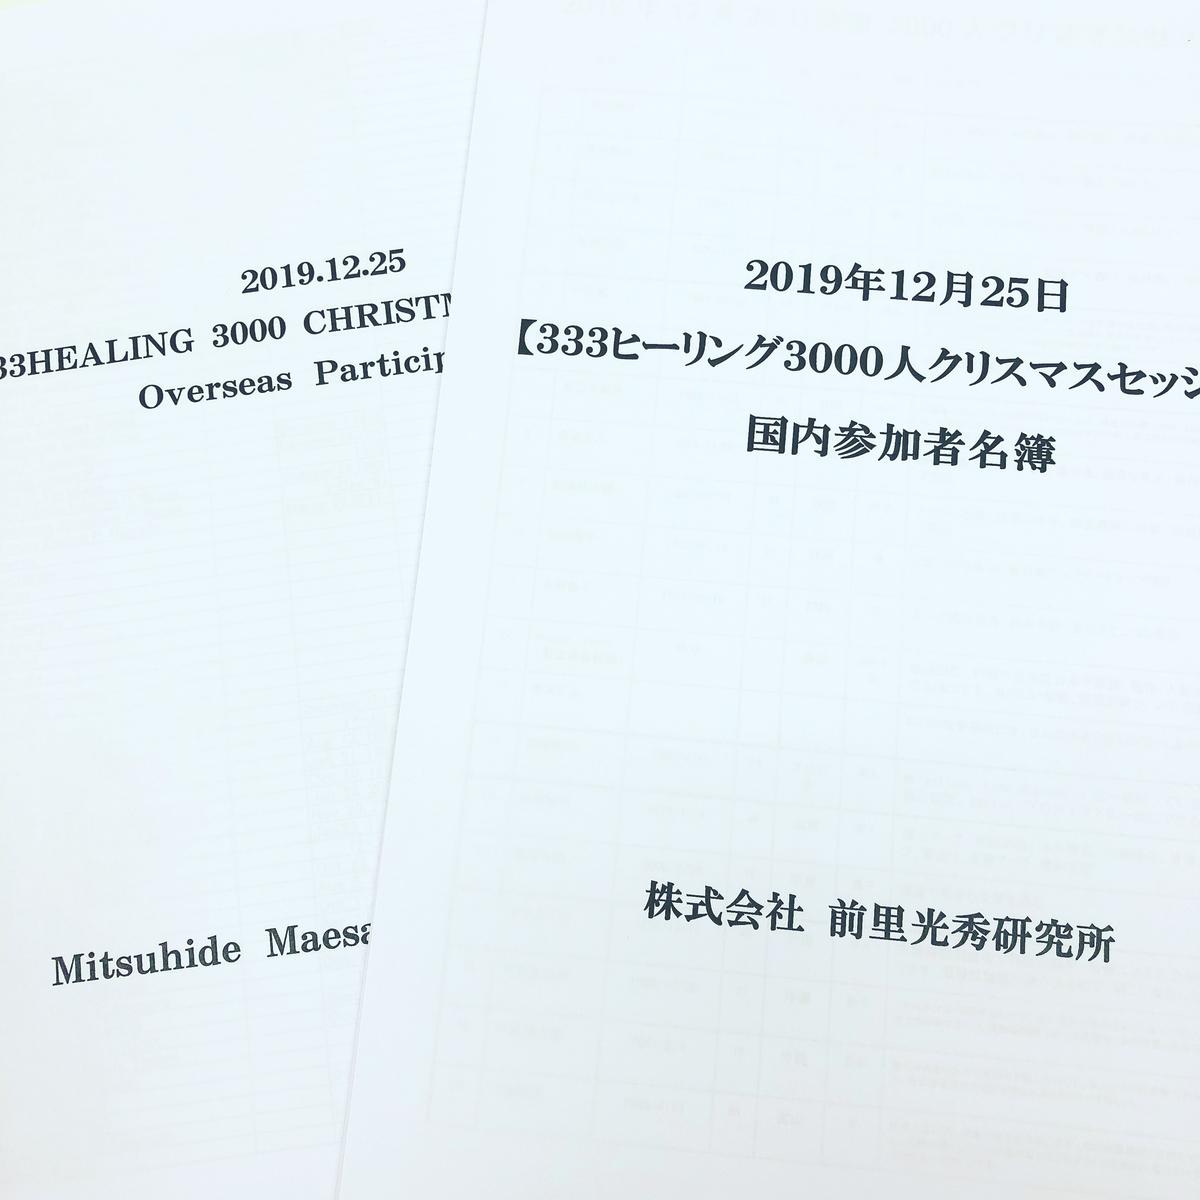 f:id:wadakazuma:20200222192903j:plain